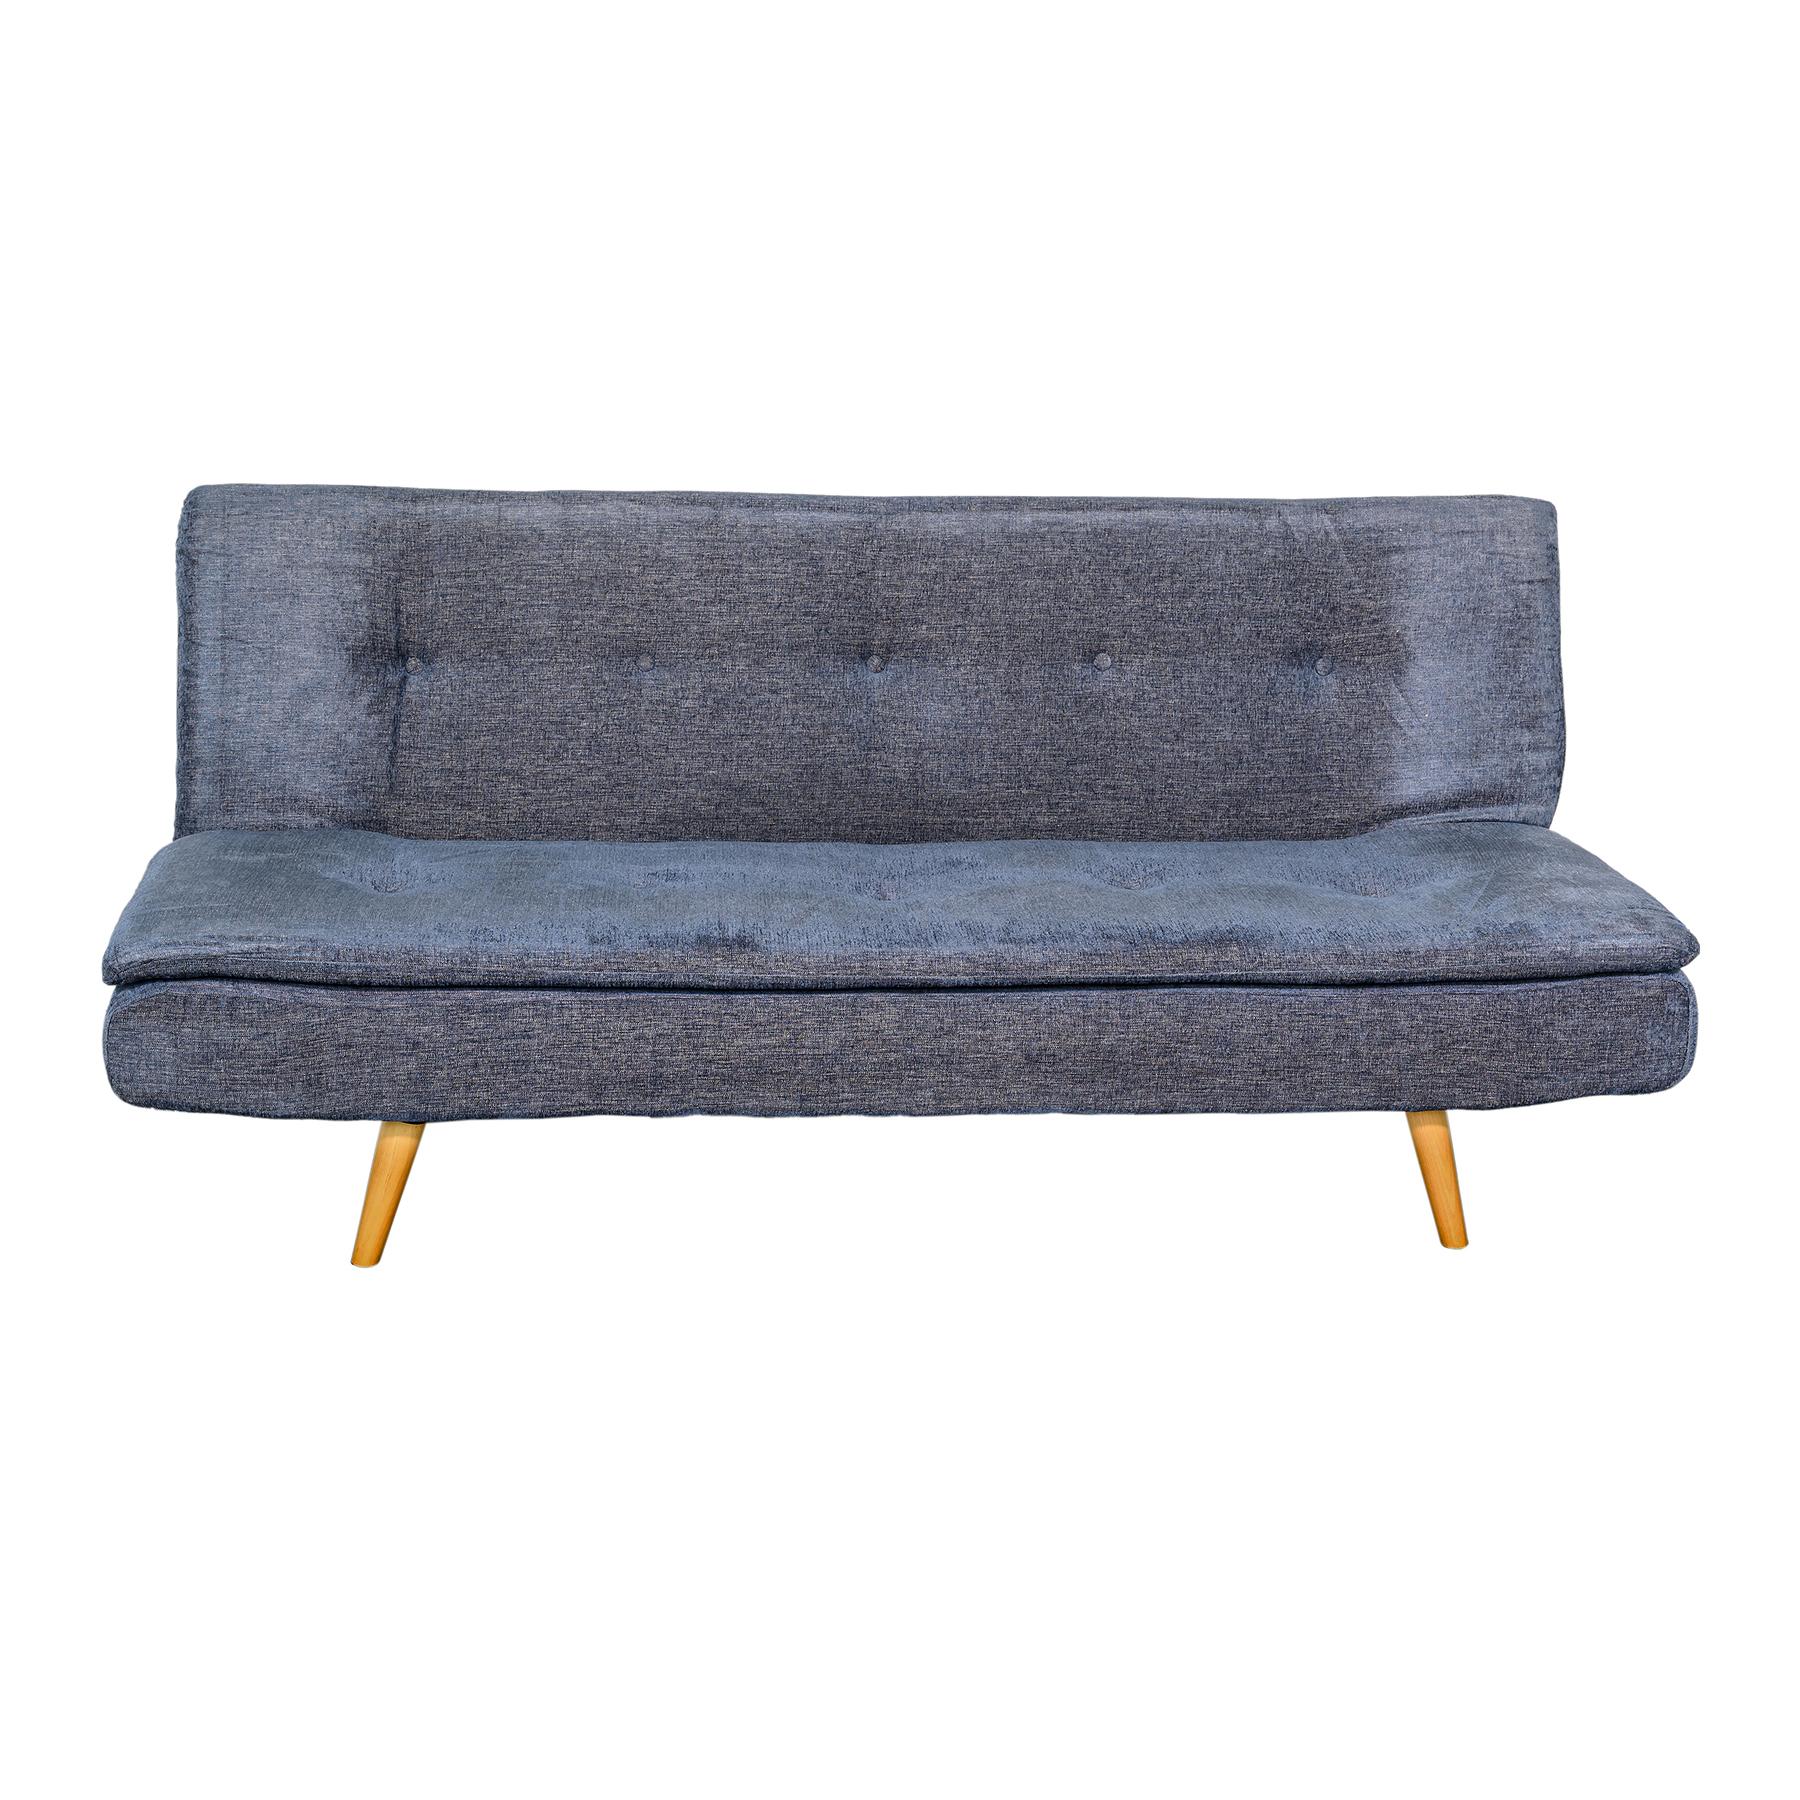 Купить Диван-кровать раскладной Arnold Bennett серо-синий, inmyroom, Китай